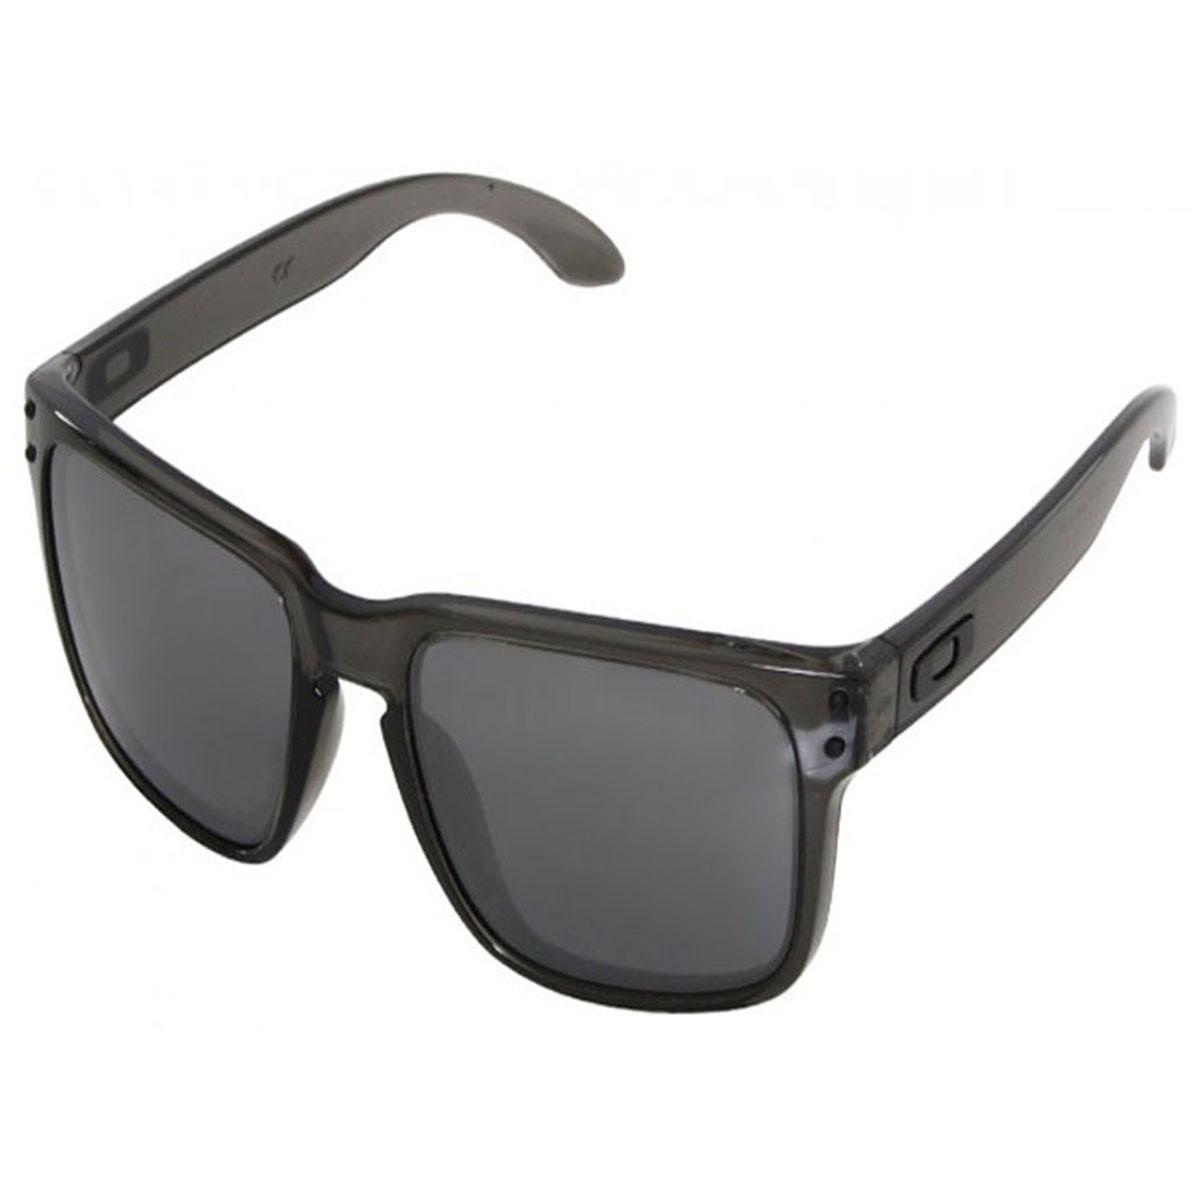 Óculos Oakley Holbrook Grey Smoke Lente Black Iridium ref OO9102-24 f6e583a5c0